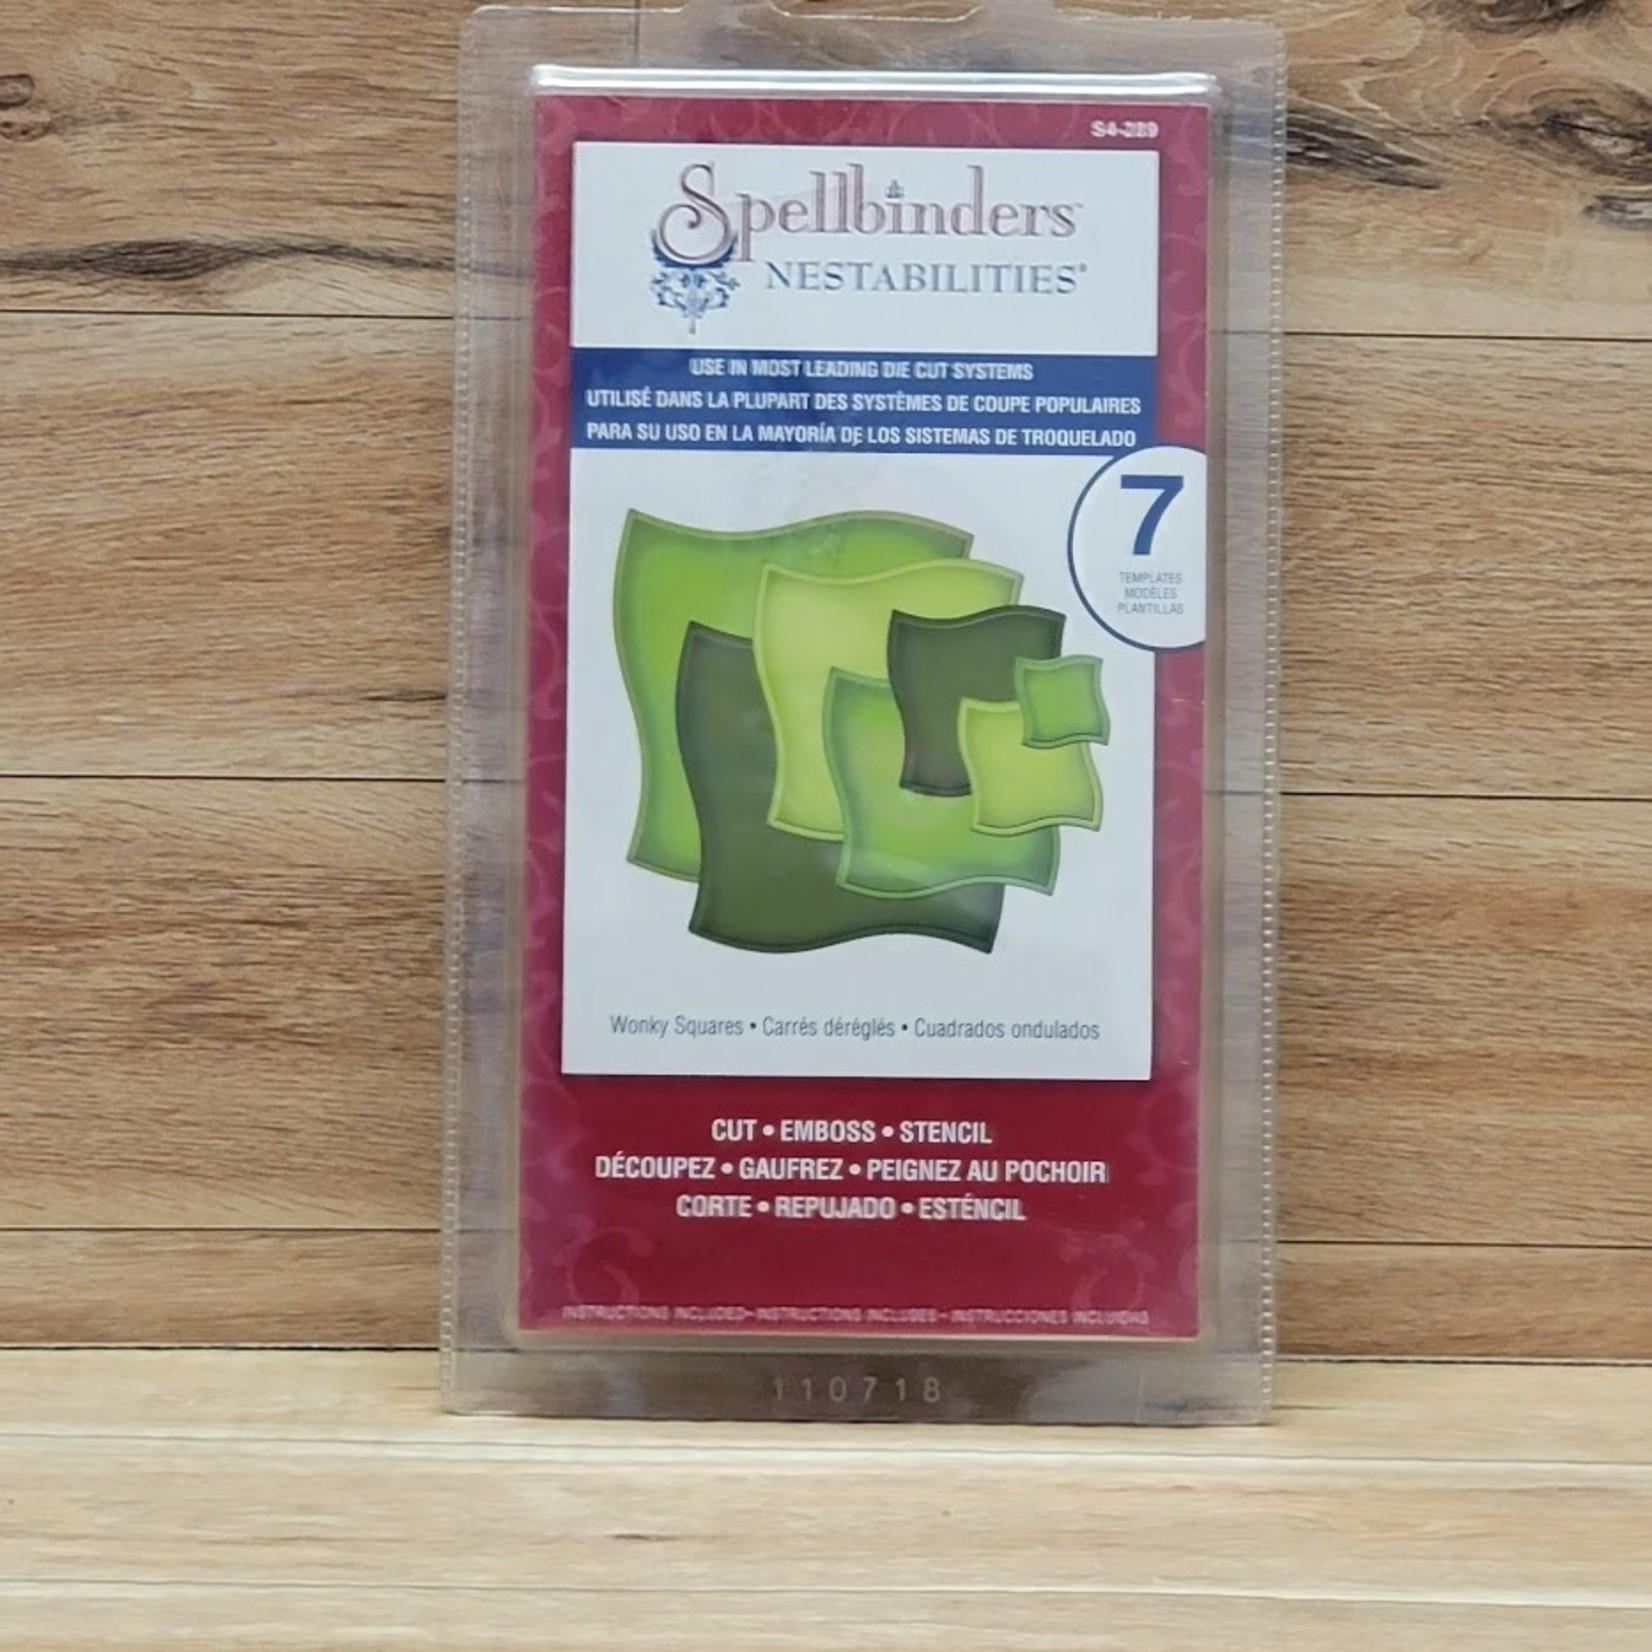 Spellbinders Spellbinders - Nestabilities - Wonky Squares